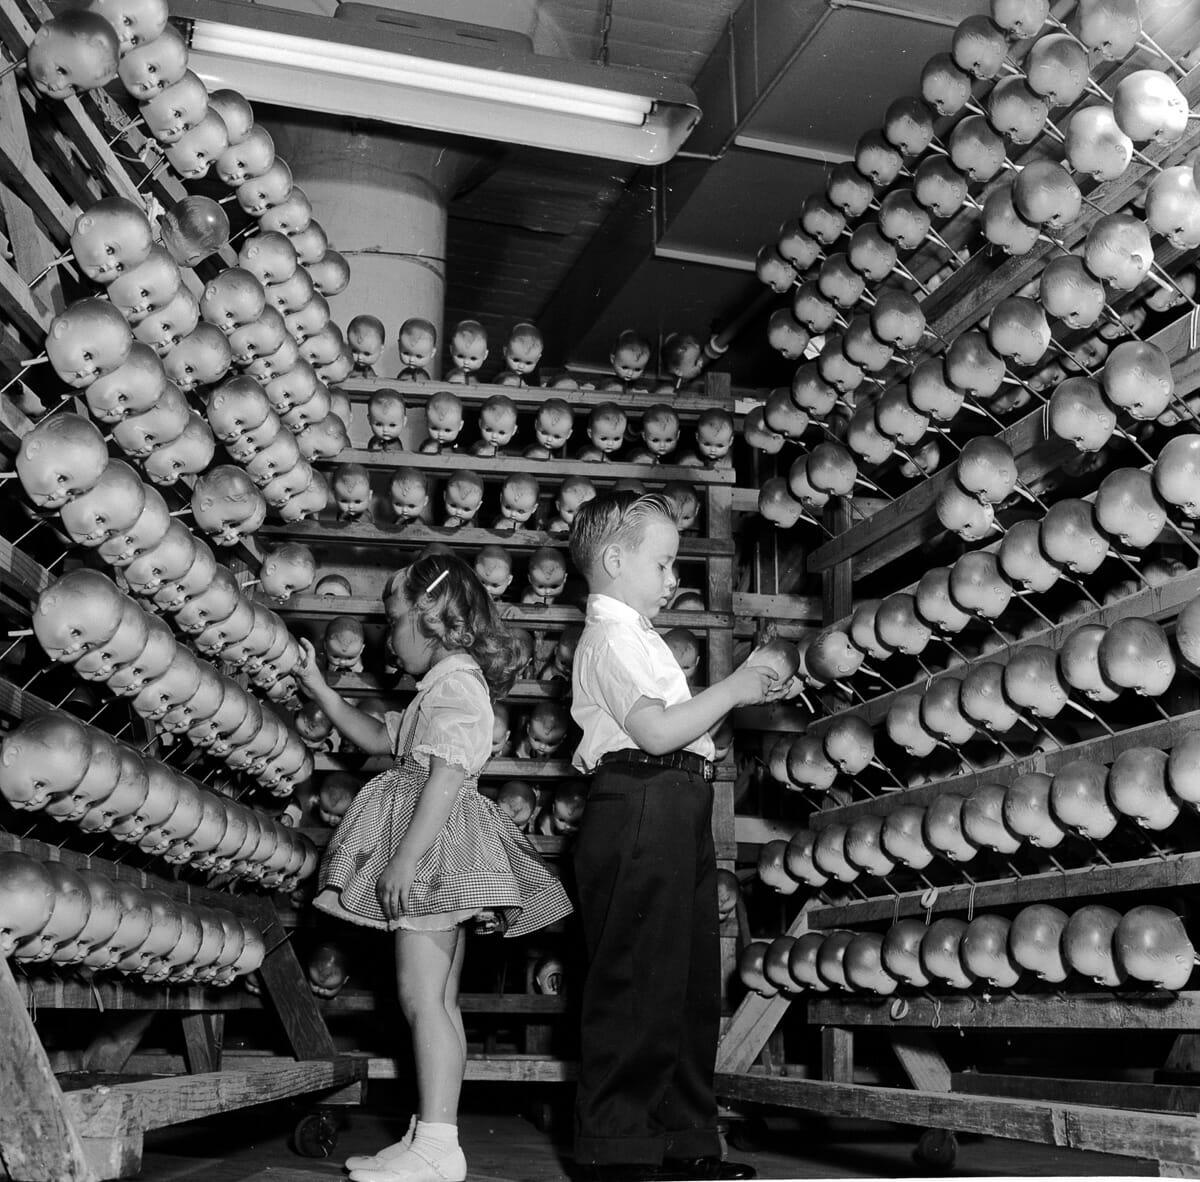 26 Imagens perturbadoras de fábricas de bonecas do passado que farão você ter pesadelos